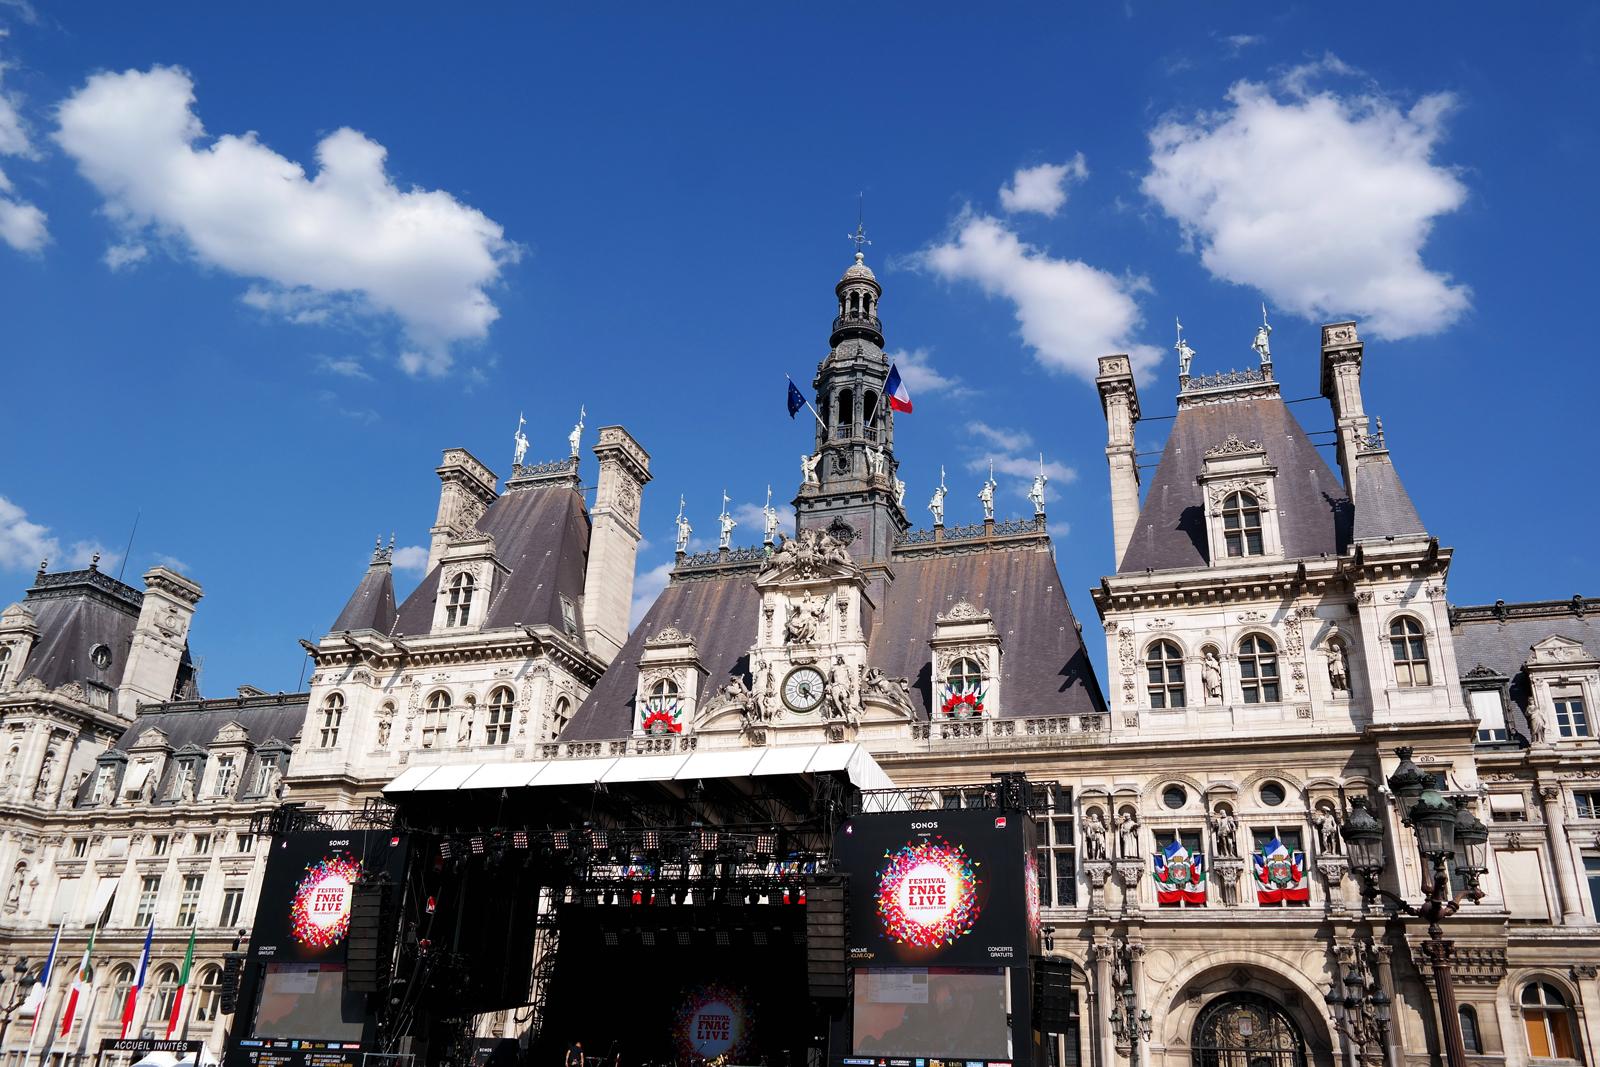 Scène-festival-fnaclive-2015-parvis-de-l-hotel-de-ville-paris-plages-été-summer-avec-ciel-bleu-live-concerts-gratuits-musique-photo-by-united-states-of-paris-blog